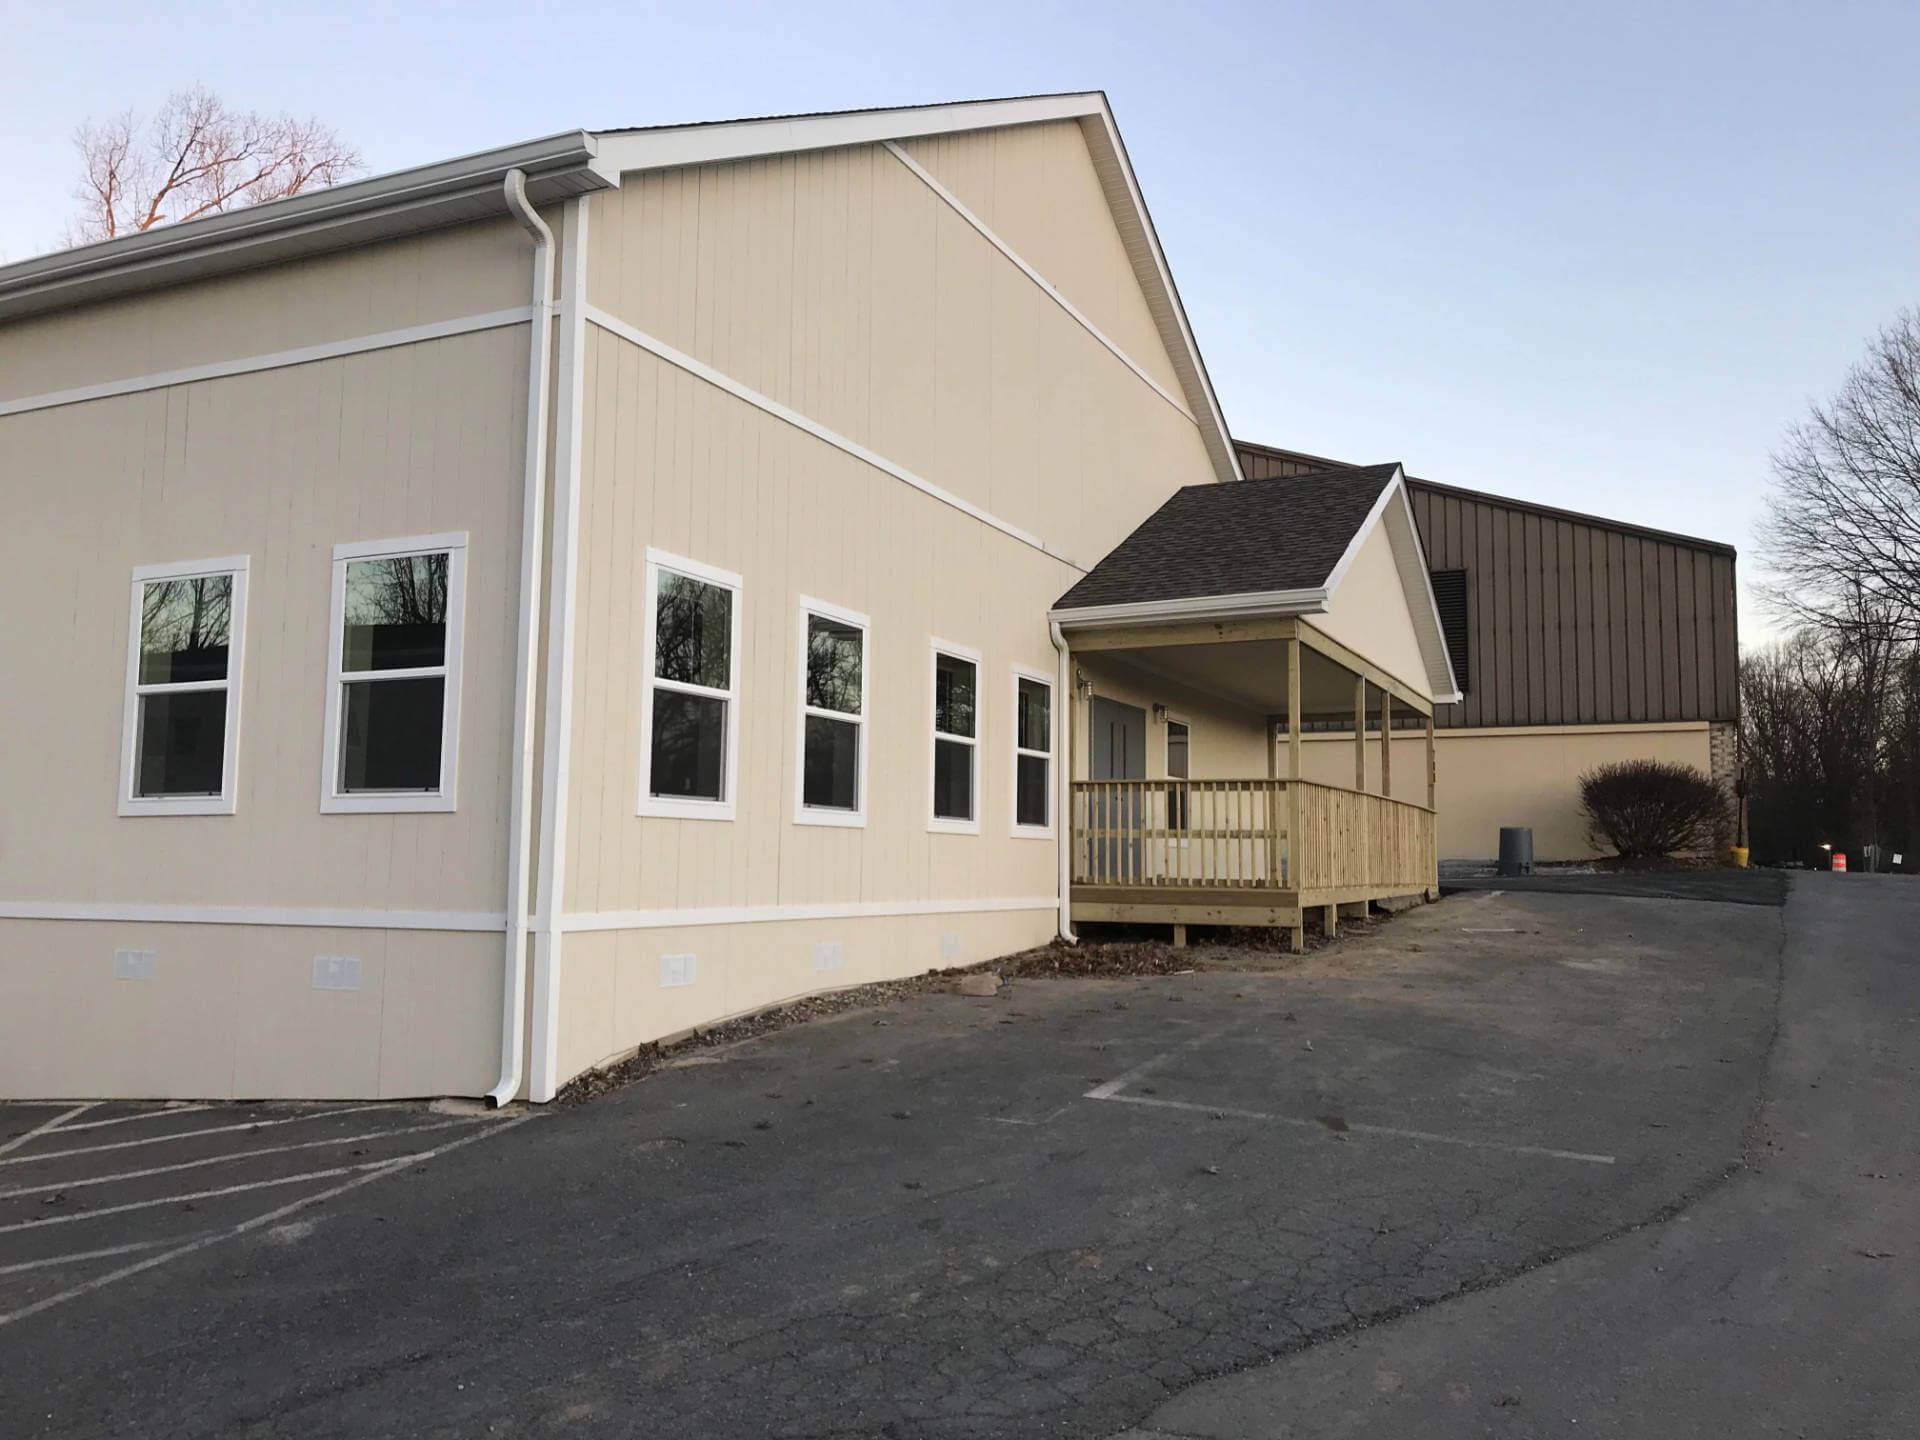 Heights School Exterior 1-1-1